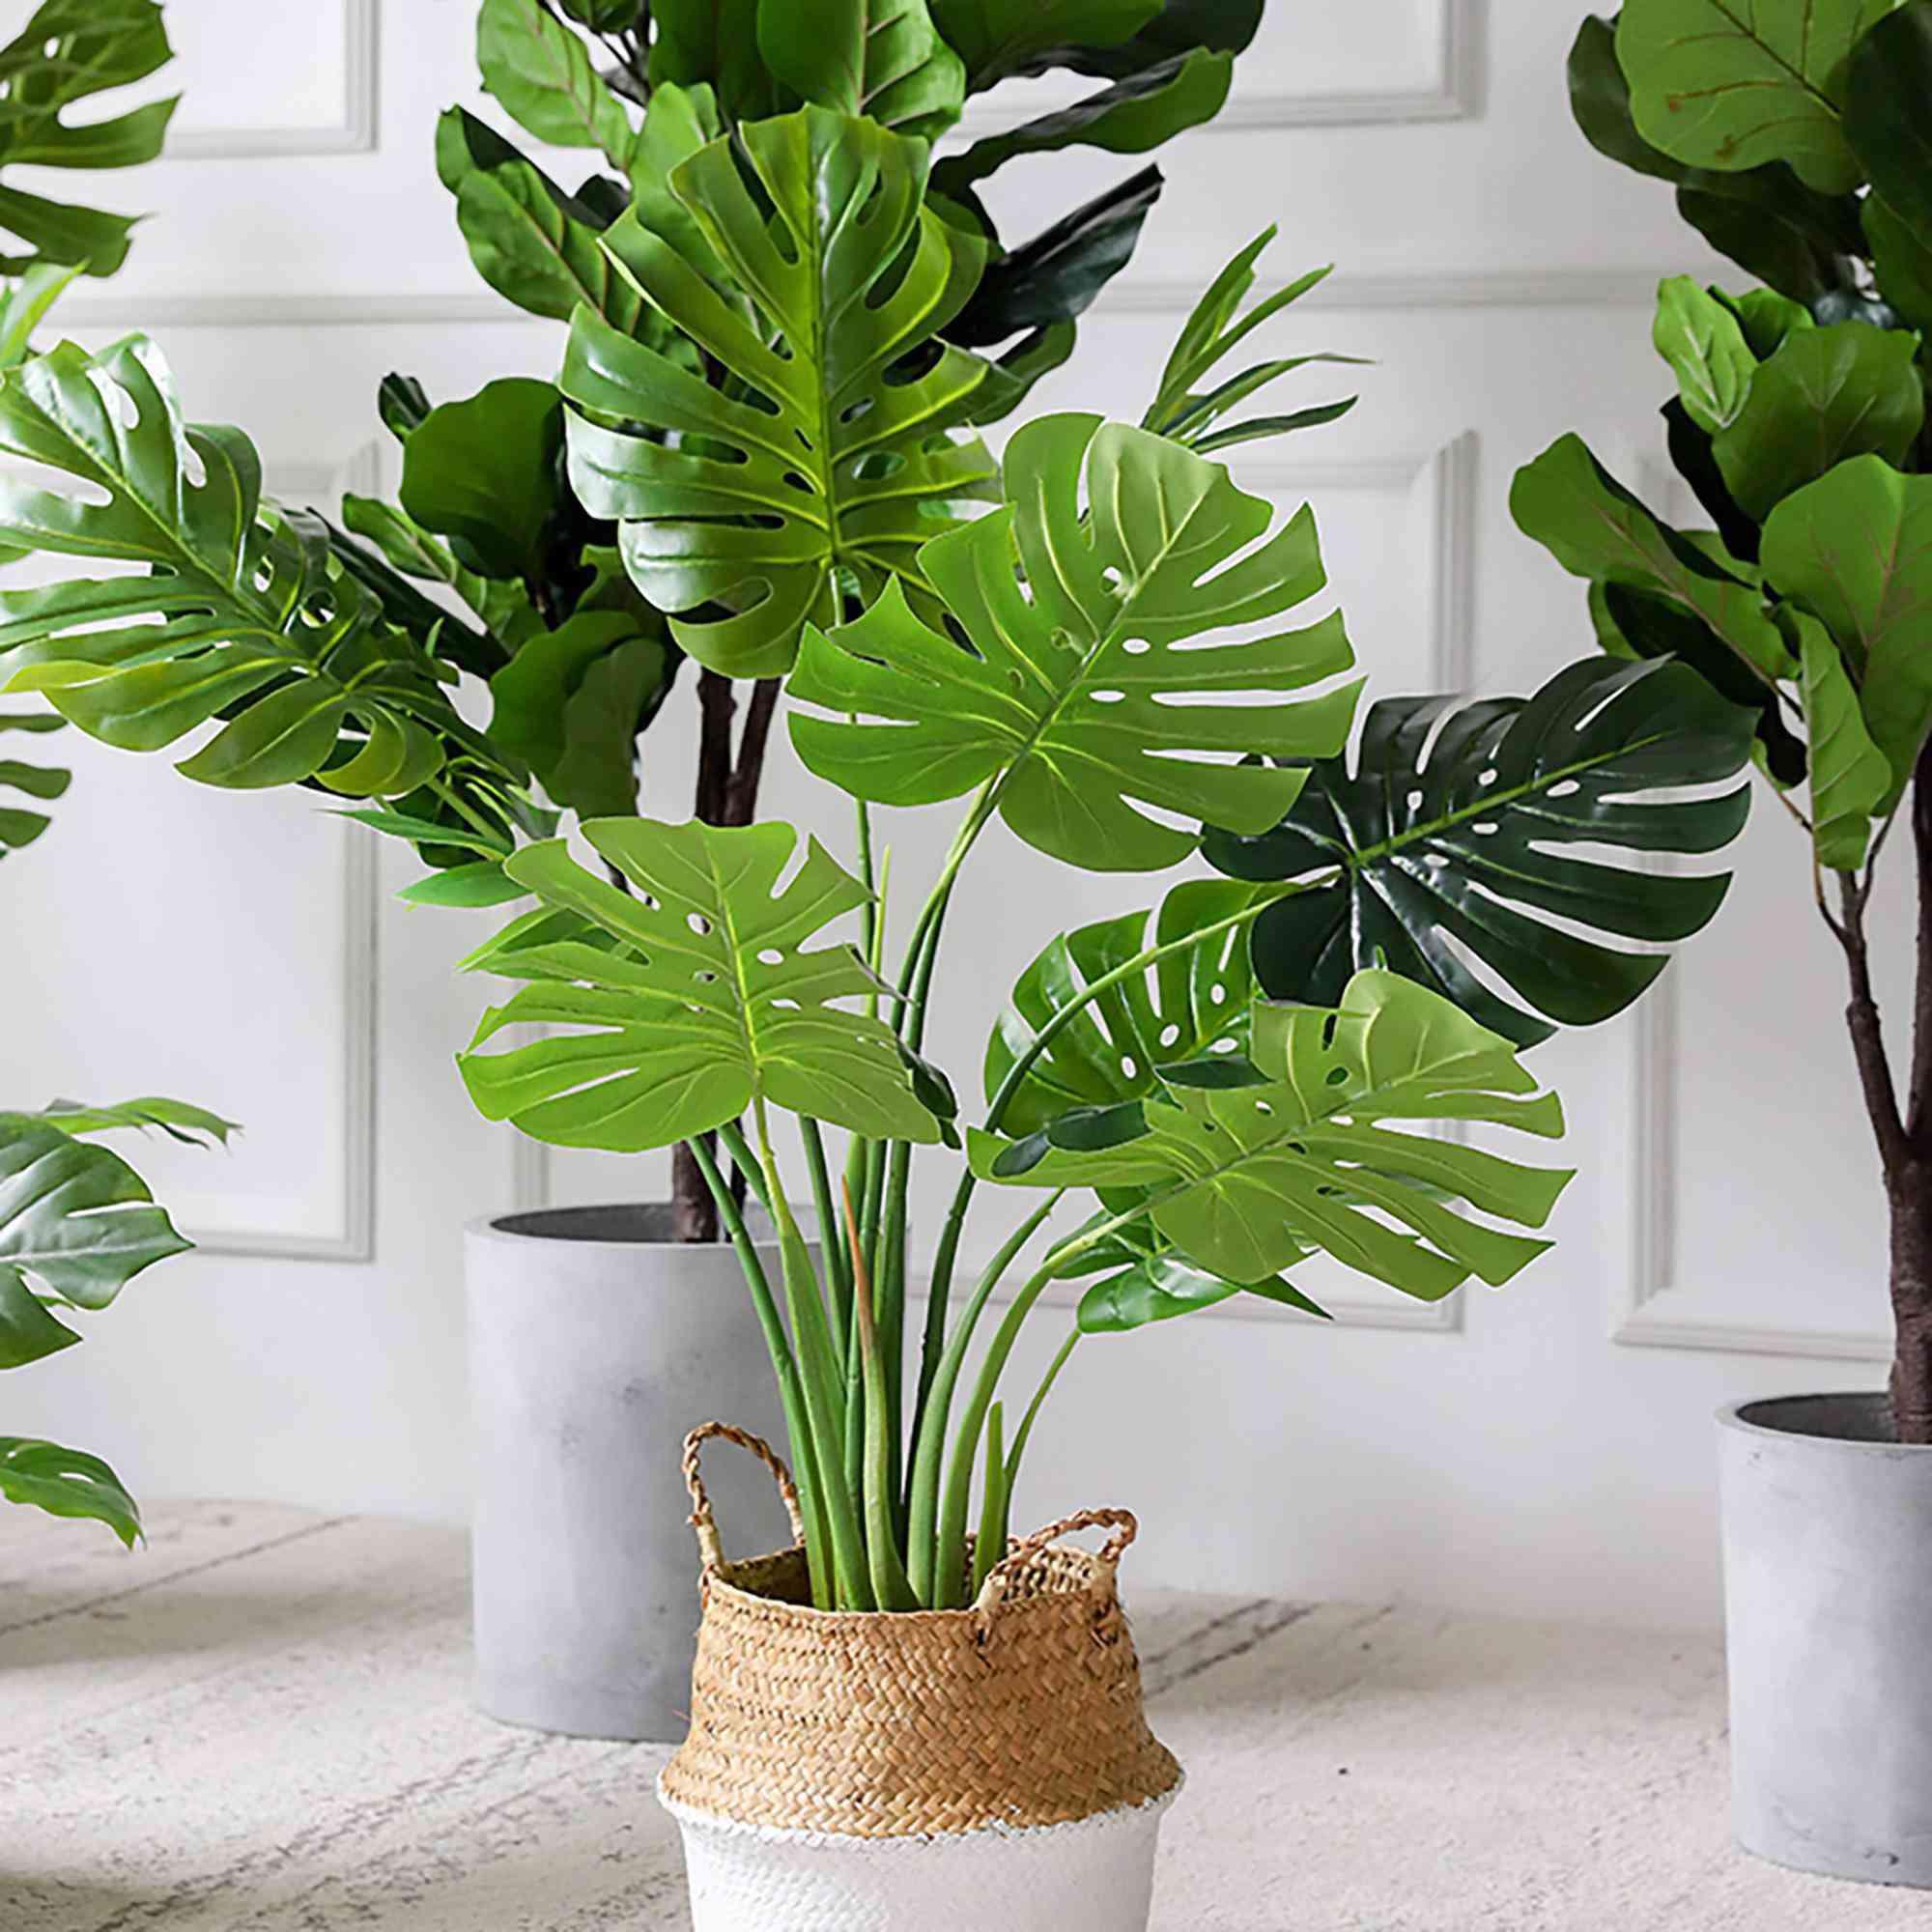 7 loại cây phong thủy vừa thanh lọc không khí vừa mang tài lộc, phú quý cho gia chủ - 4